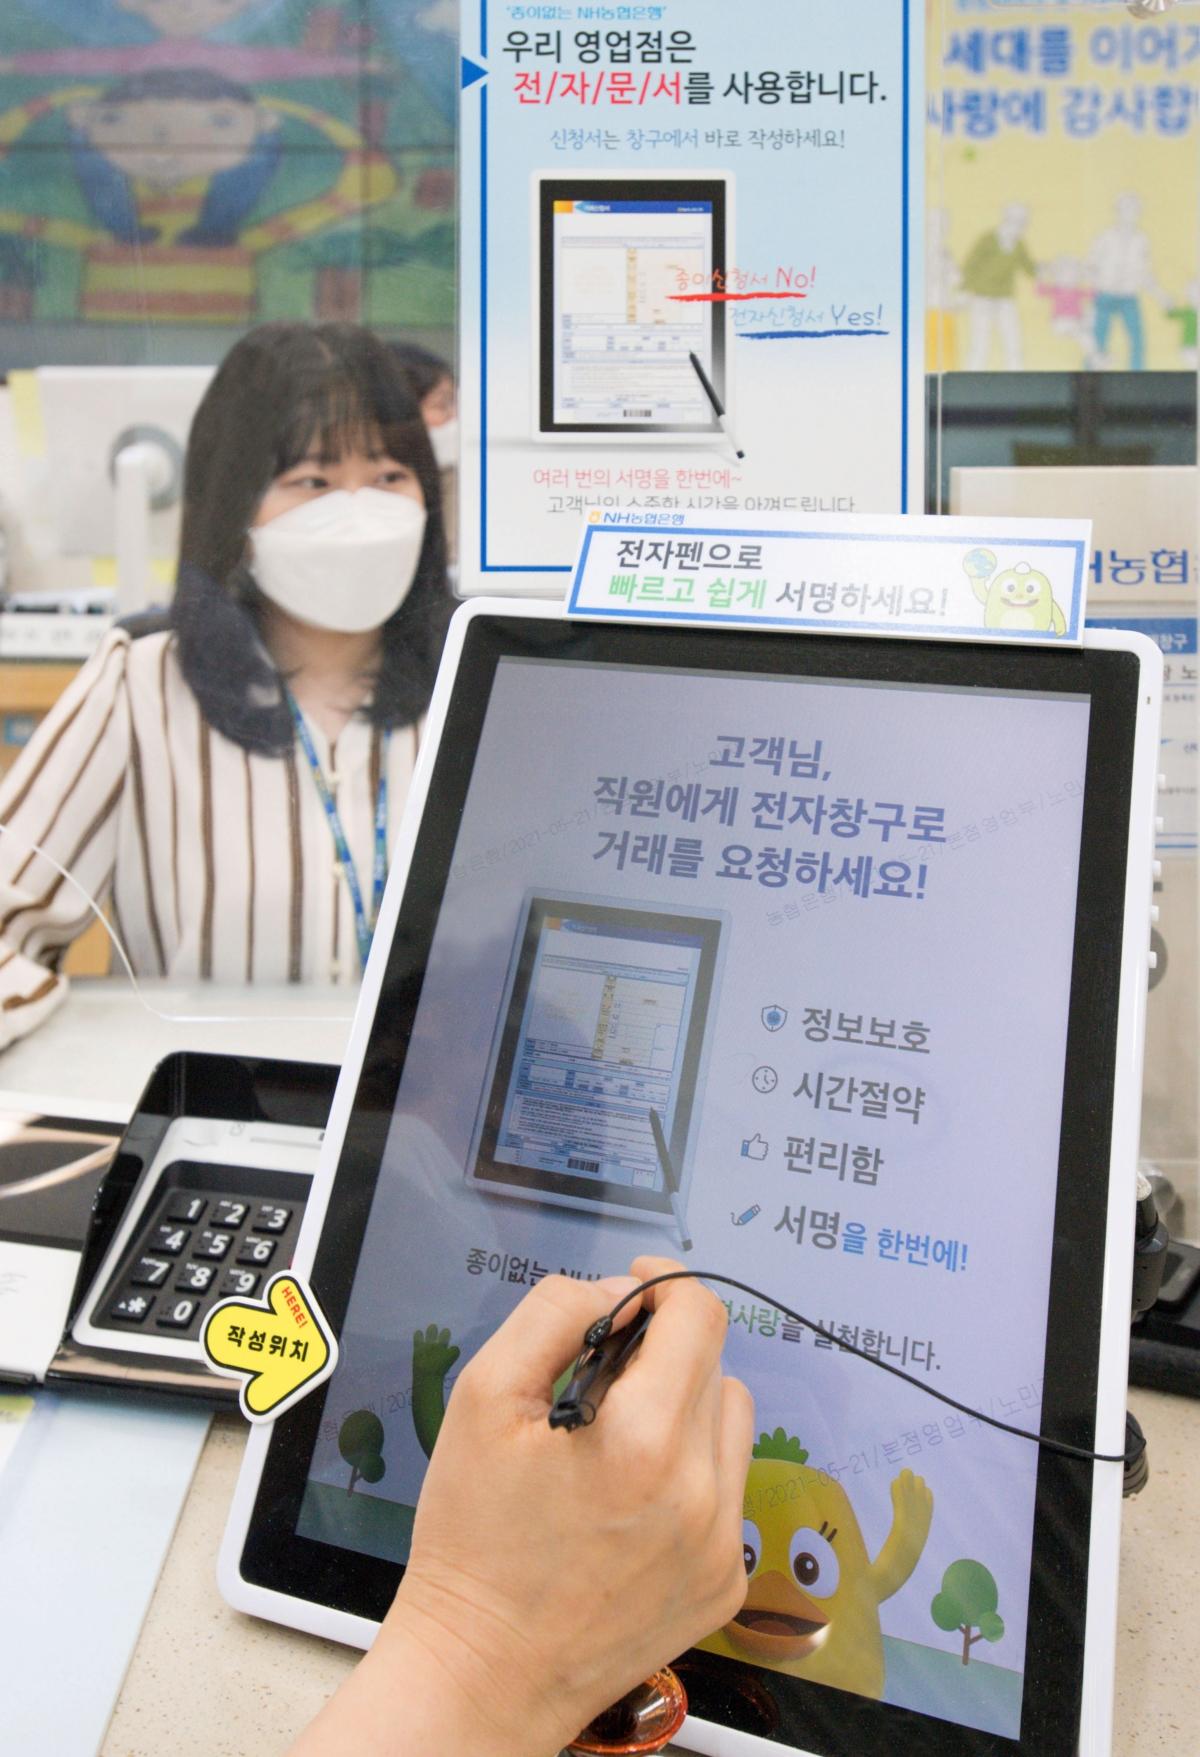 서울 서대문 소재 농협은행 본점 영업부에서 고객이 전자창구(PPR) 新시스템을 활용하여 금융거래를 하고 있다.